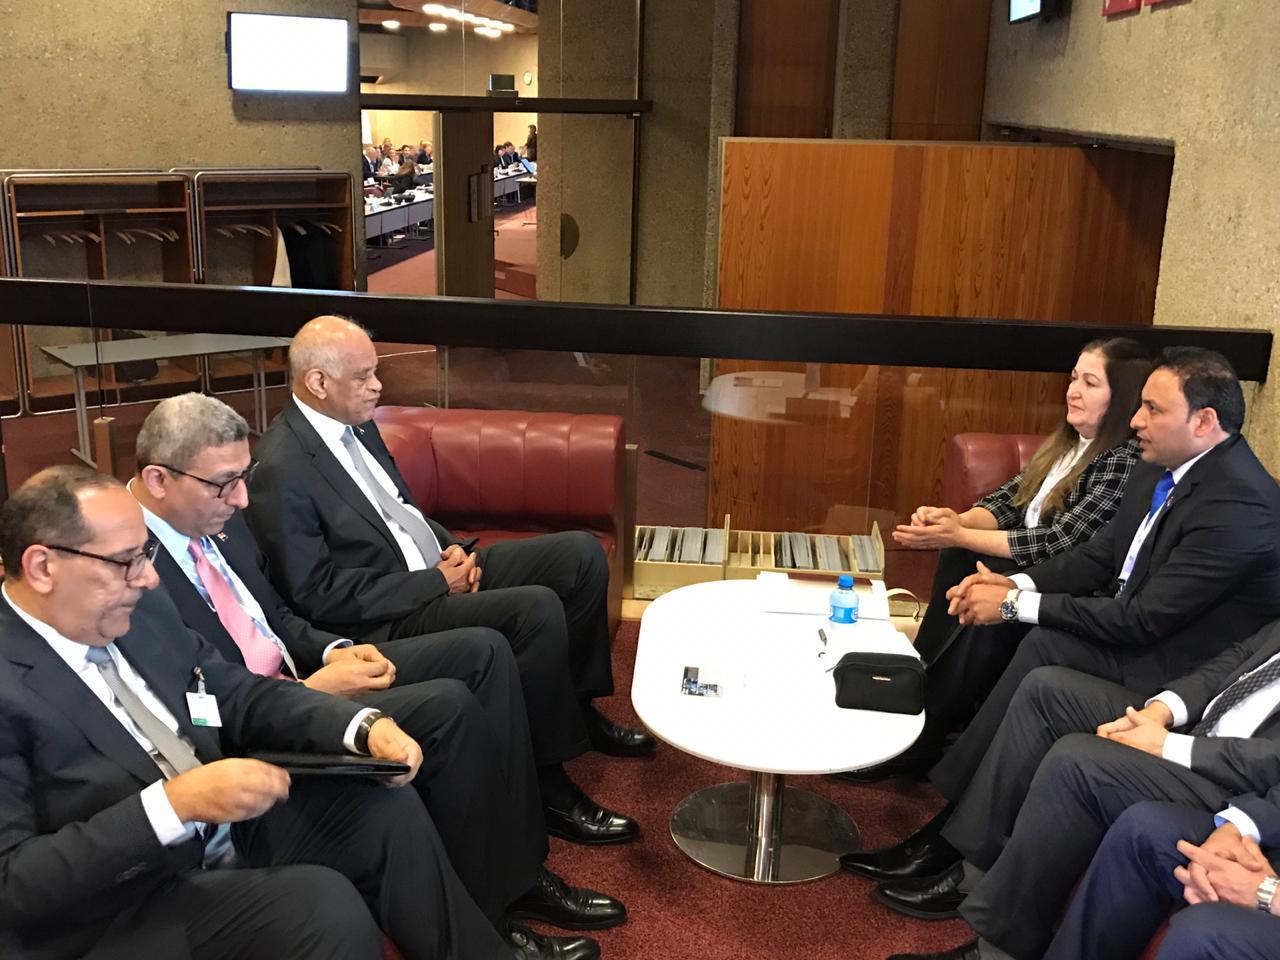 الكعبي يبحث مع رئيس البرلمان المصري تسهيل منح الفيزا للعراقيين وتفعيل اللجان البرلمانية المشتركة